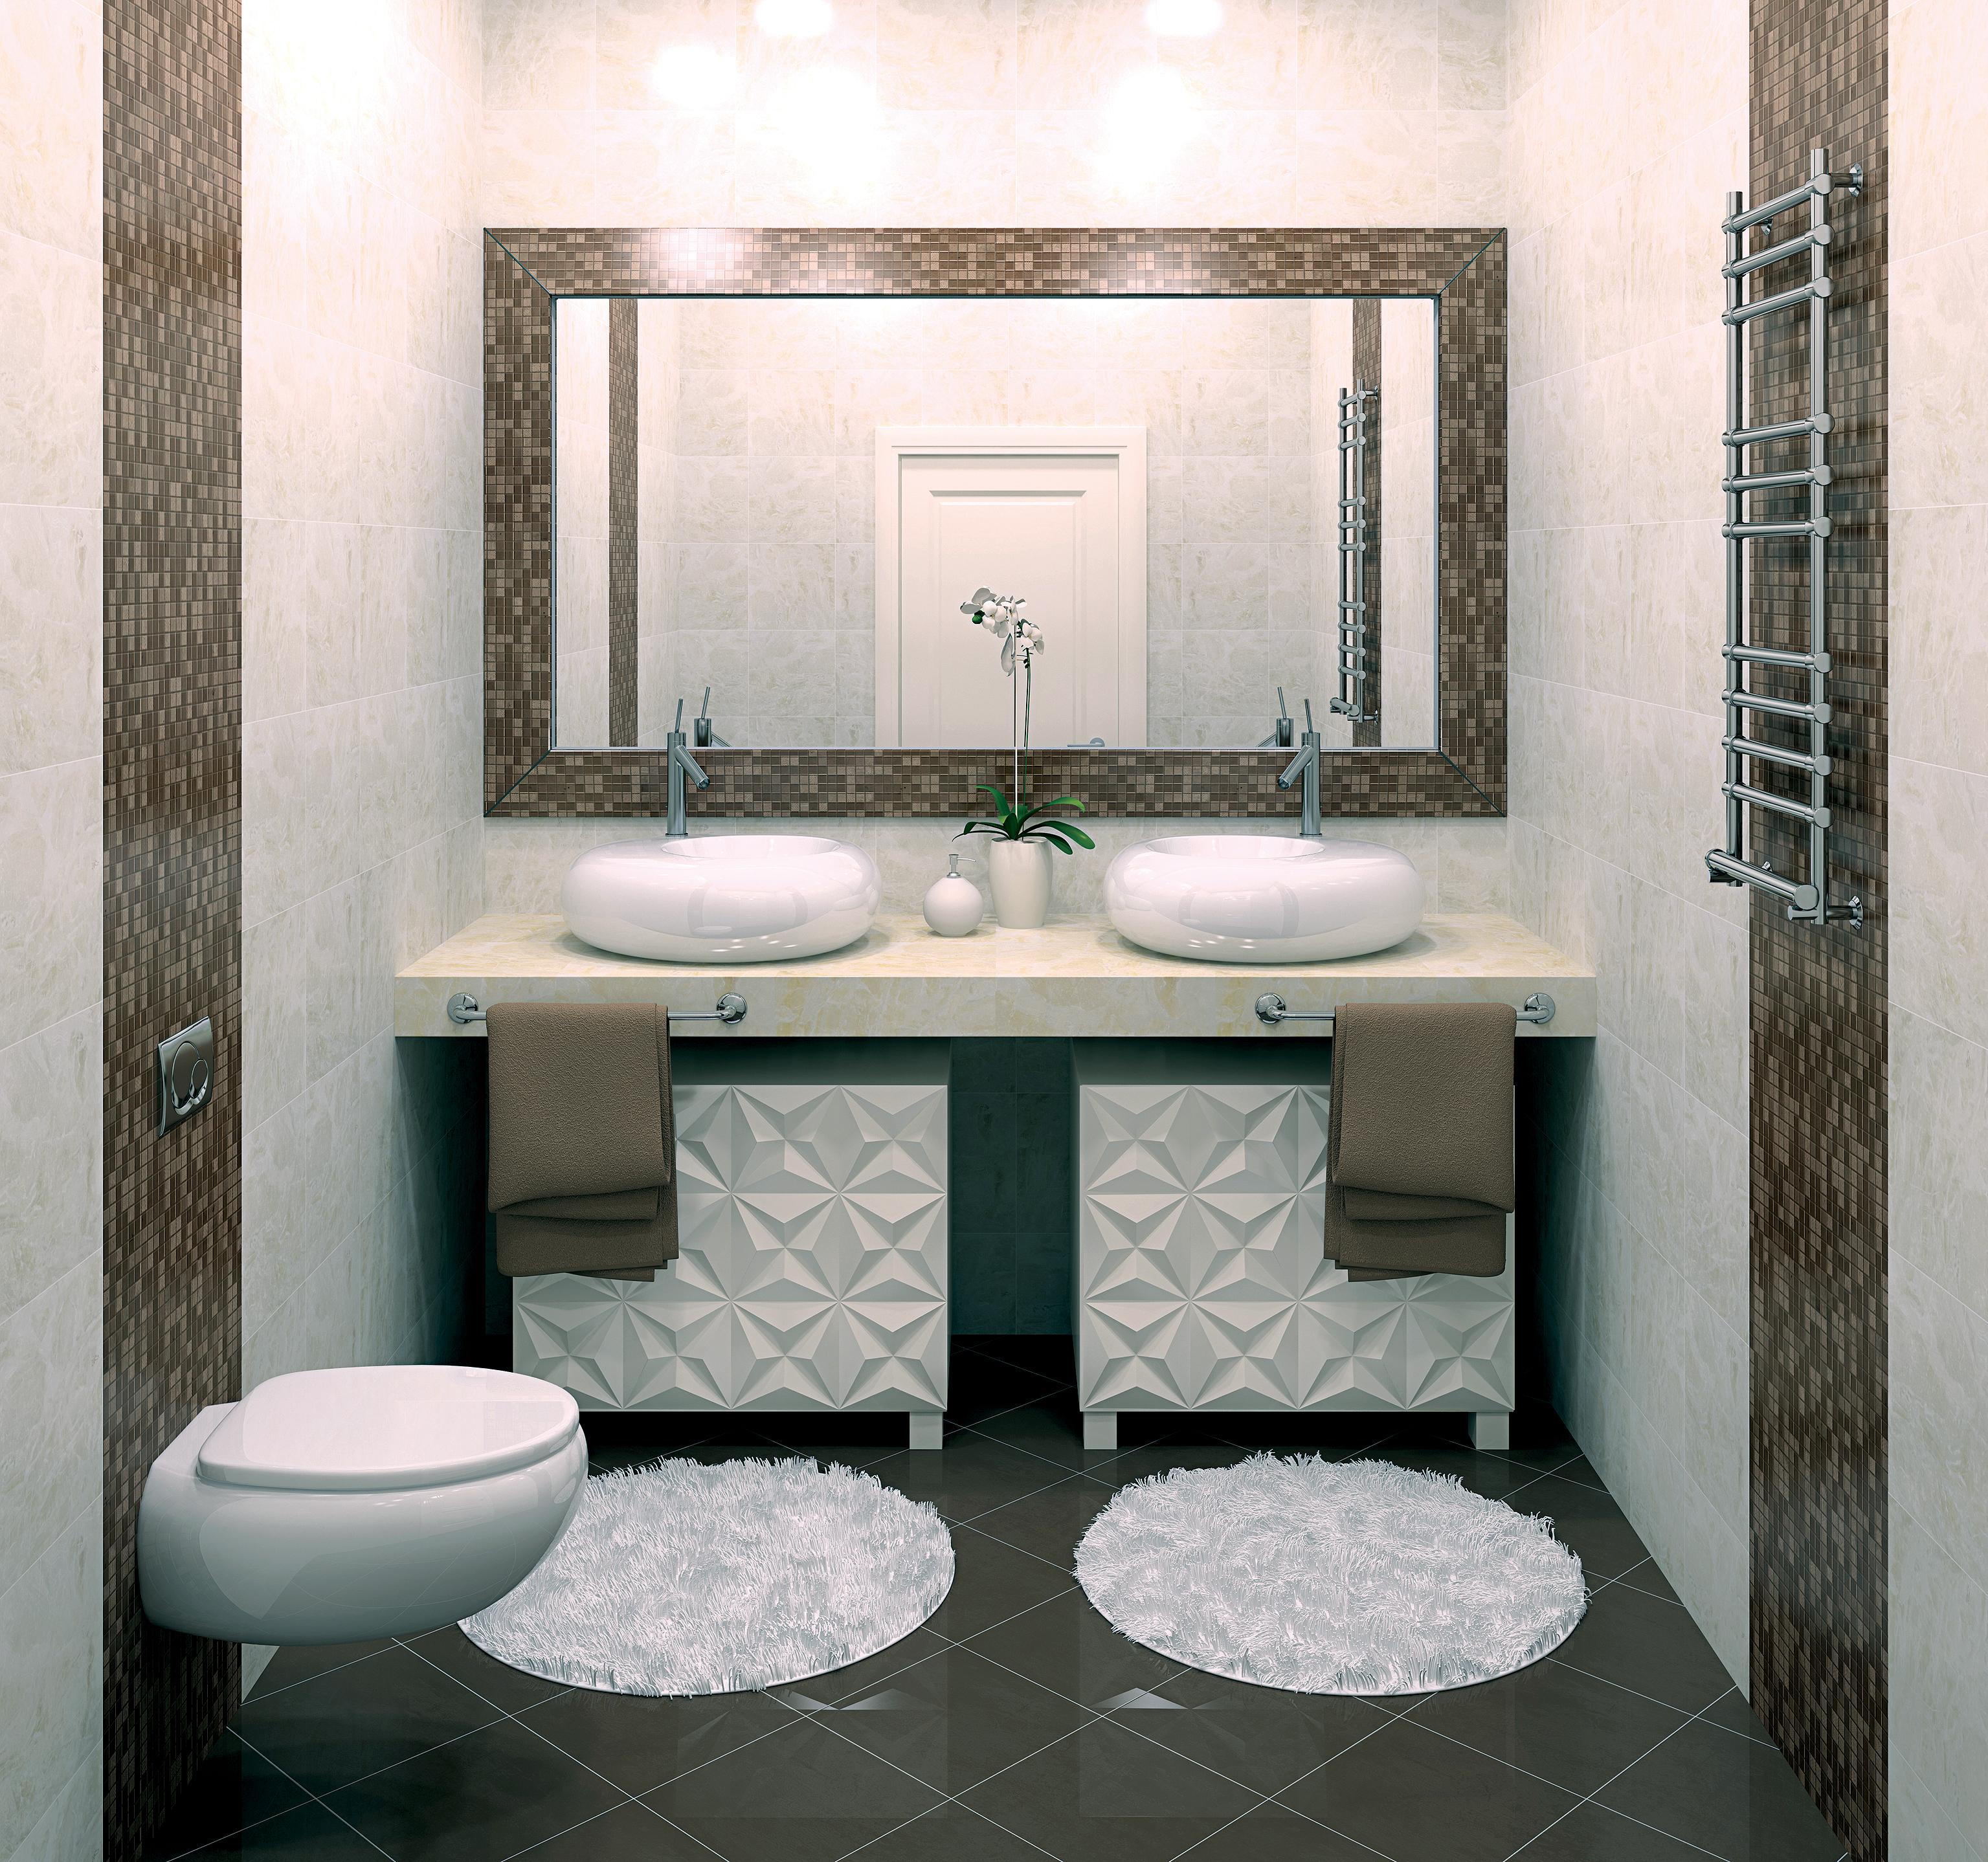 - Enlever le calcaire des toilettes ...